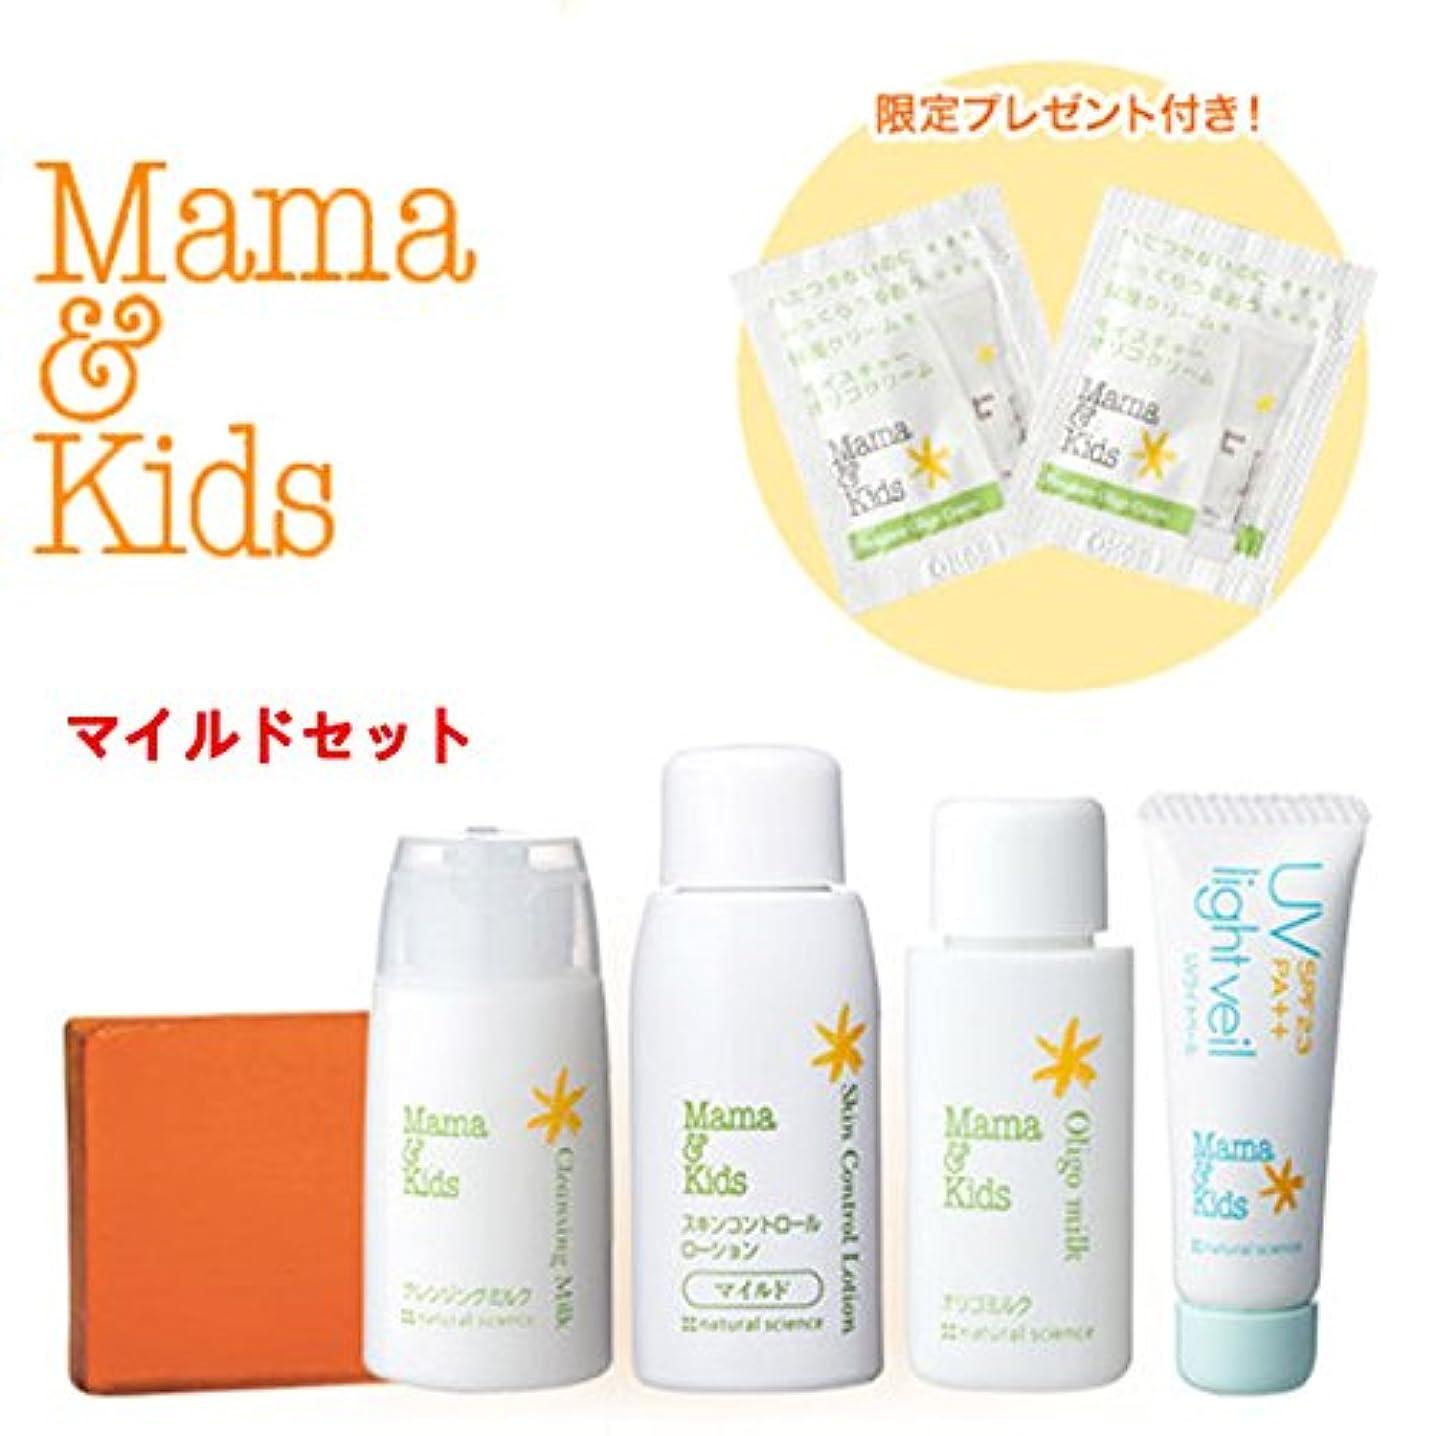 大胆ハブ腰ママ&キッズぷるぷるお肌トライアルセット(マイルド)/Mama&Kids SkinCare Travel set/孕期基础护肤试用装普通保湿